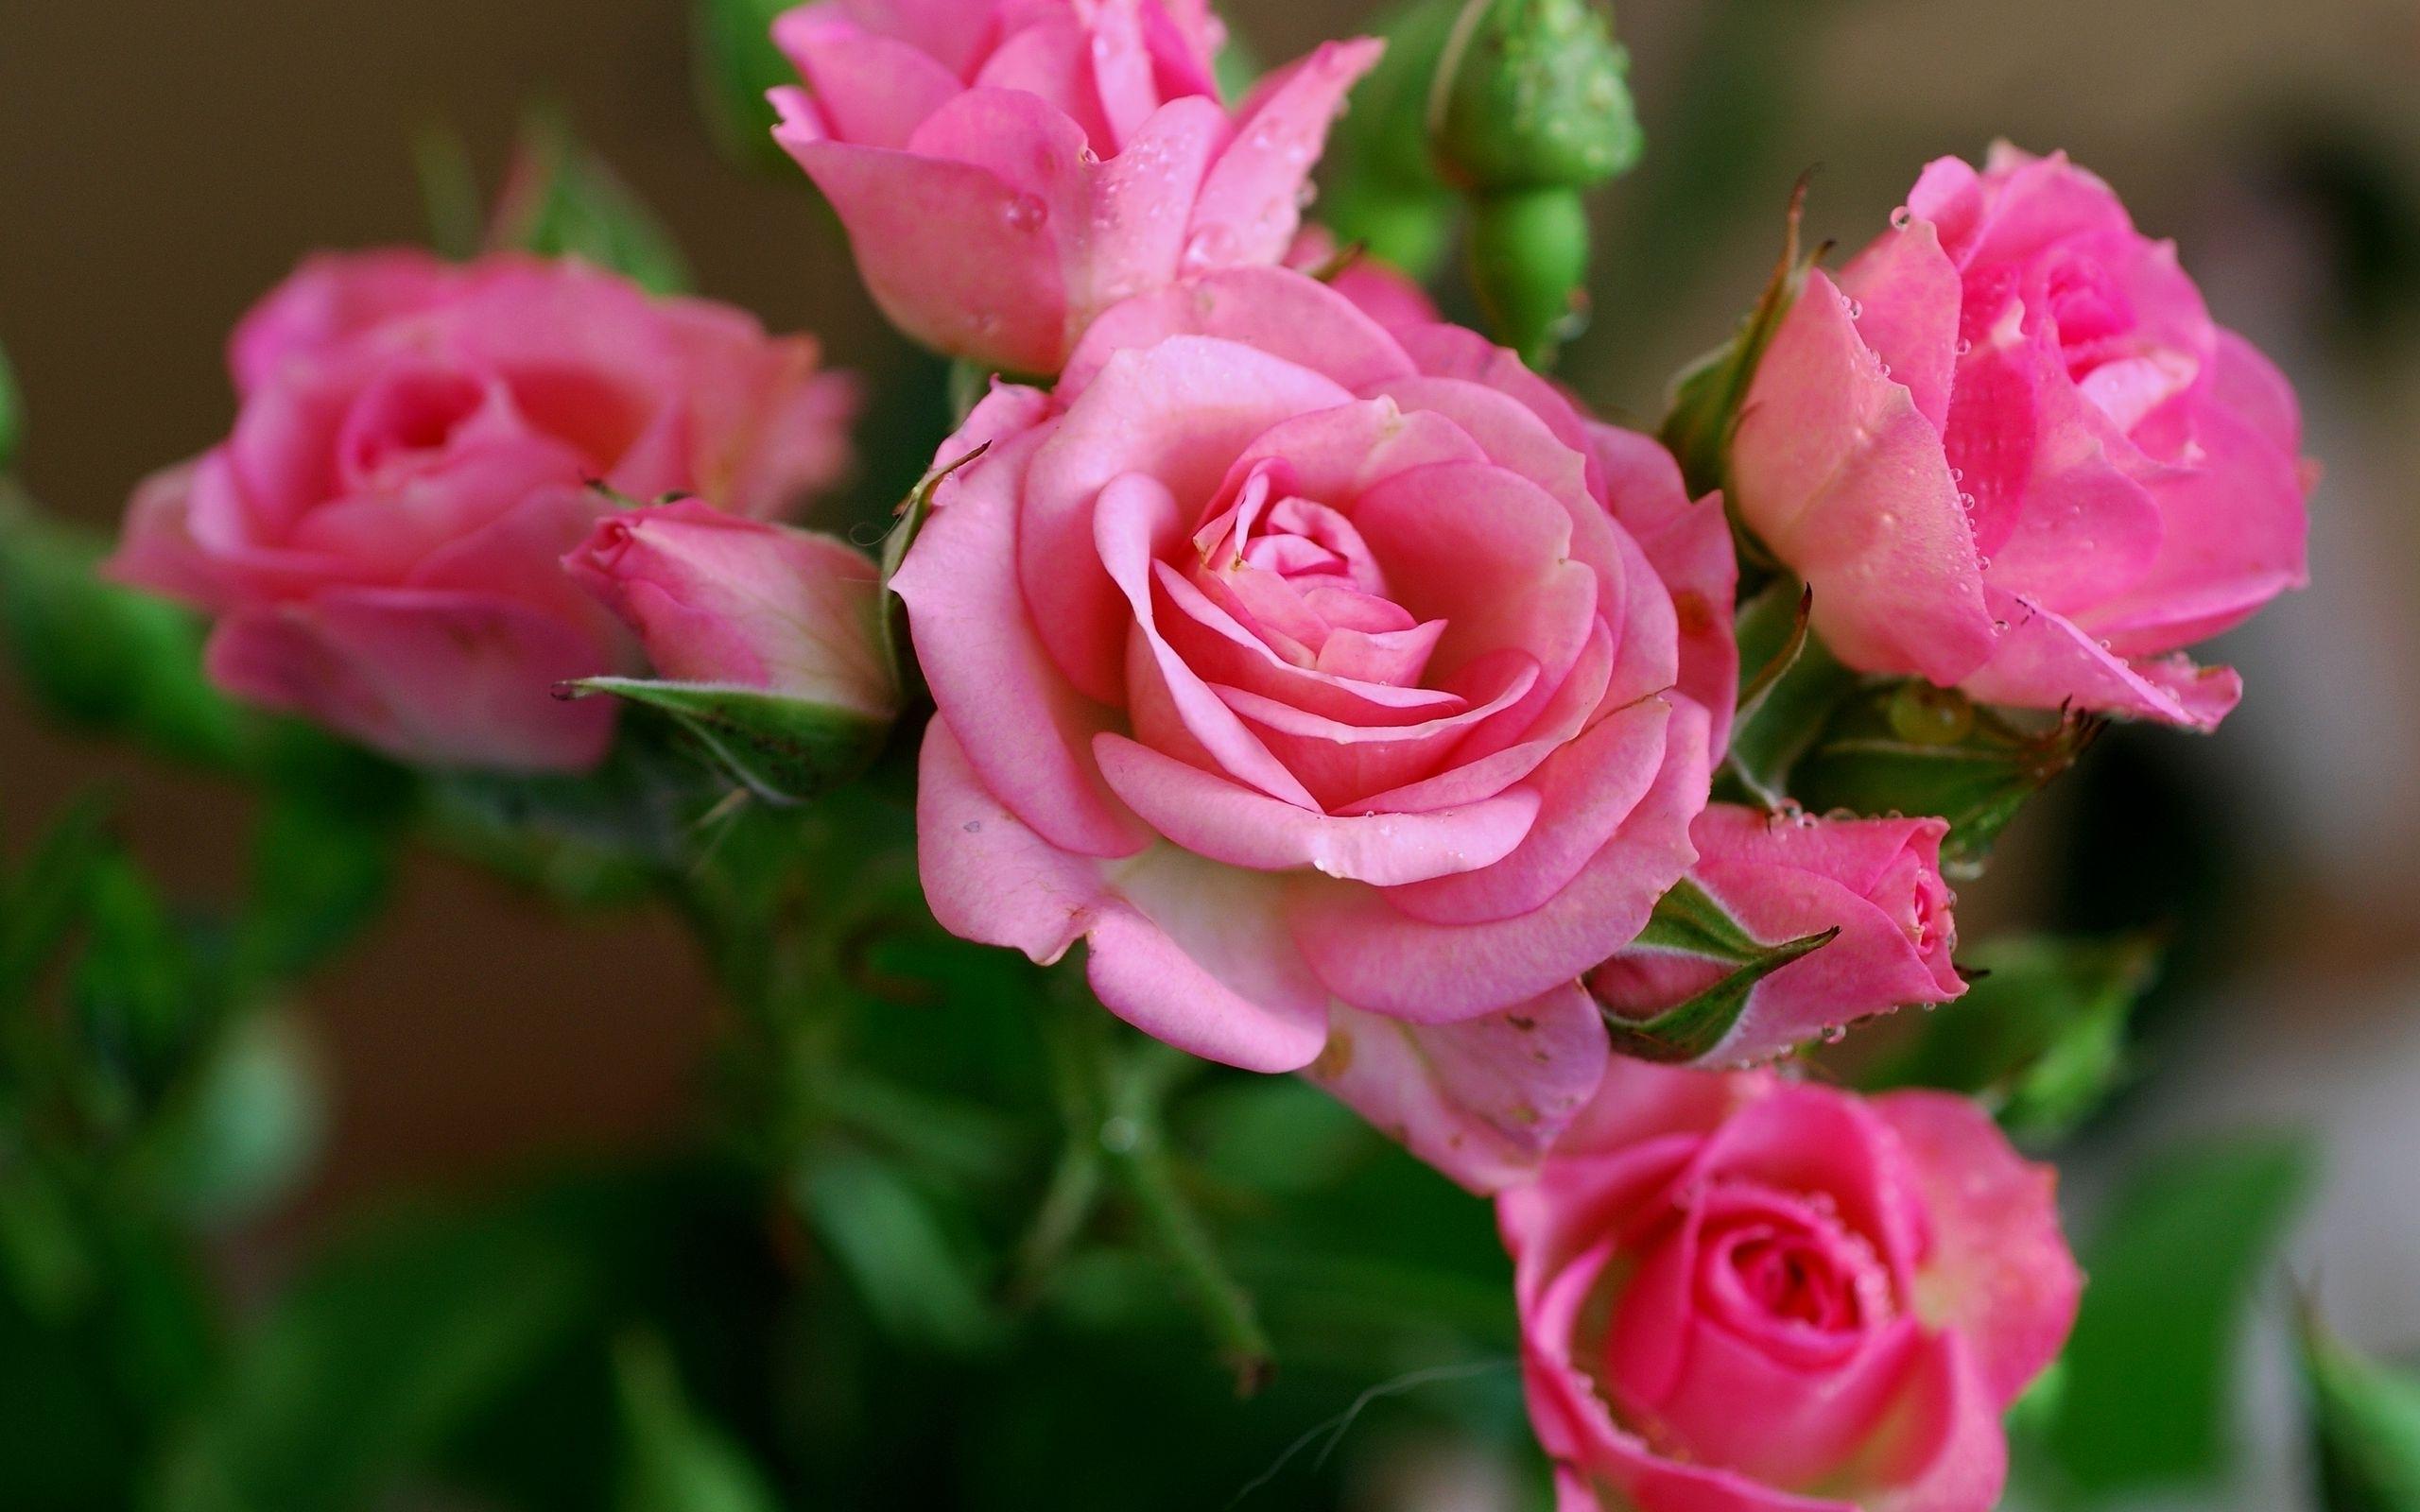 обои для рабочего стола розы красивые во весь экран № 233092 загрузить